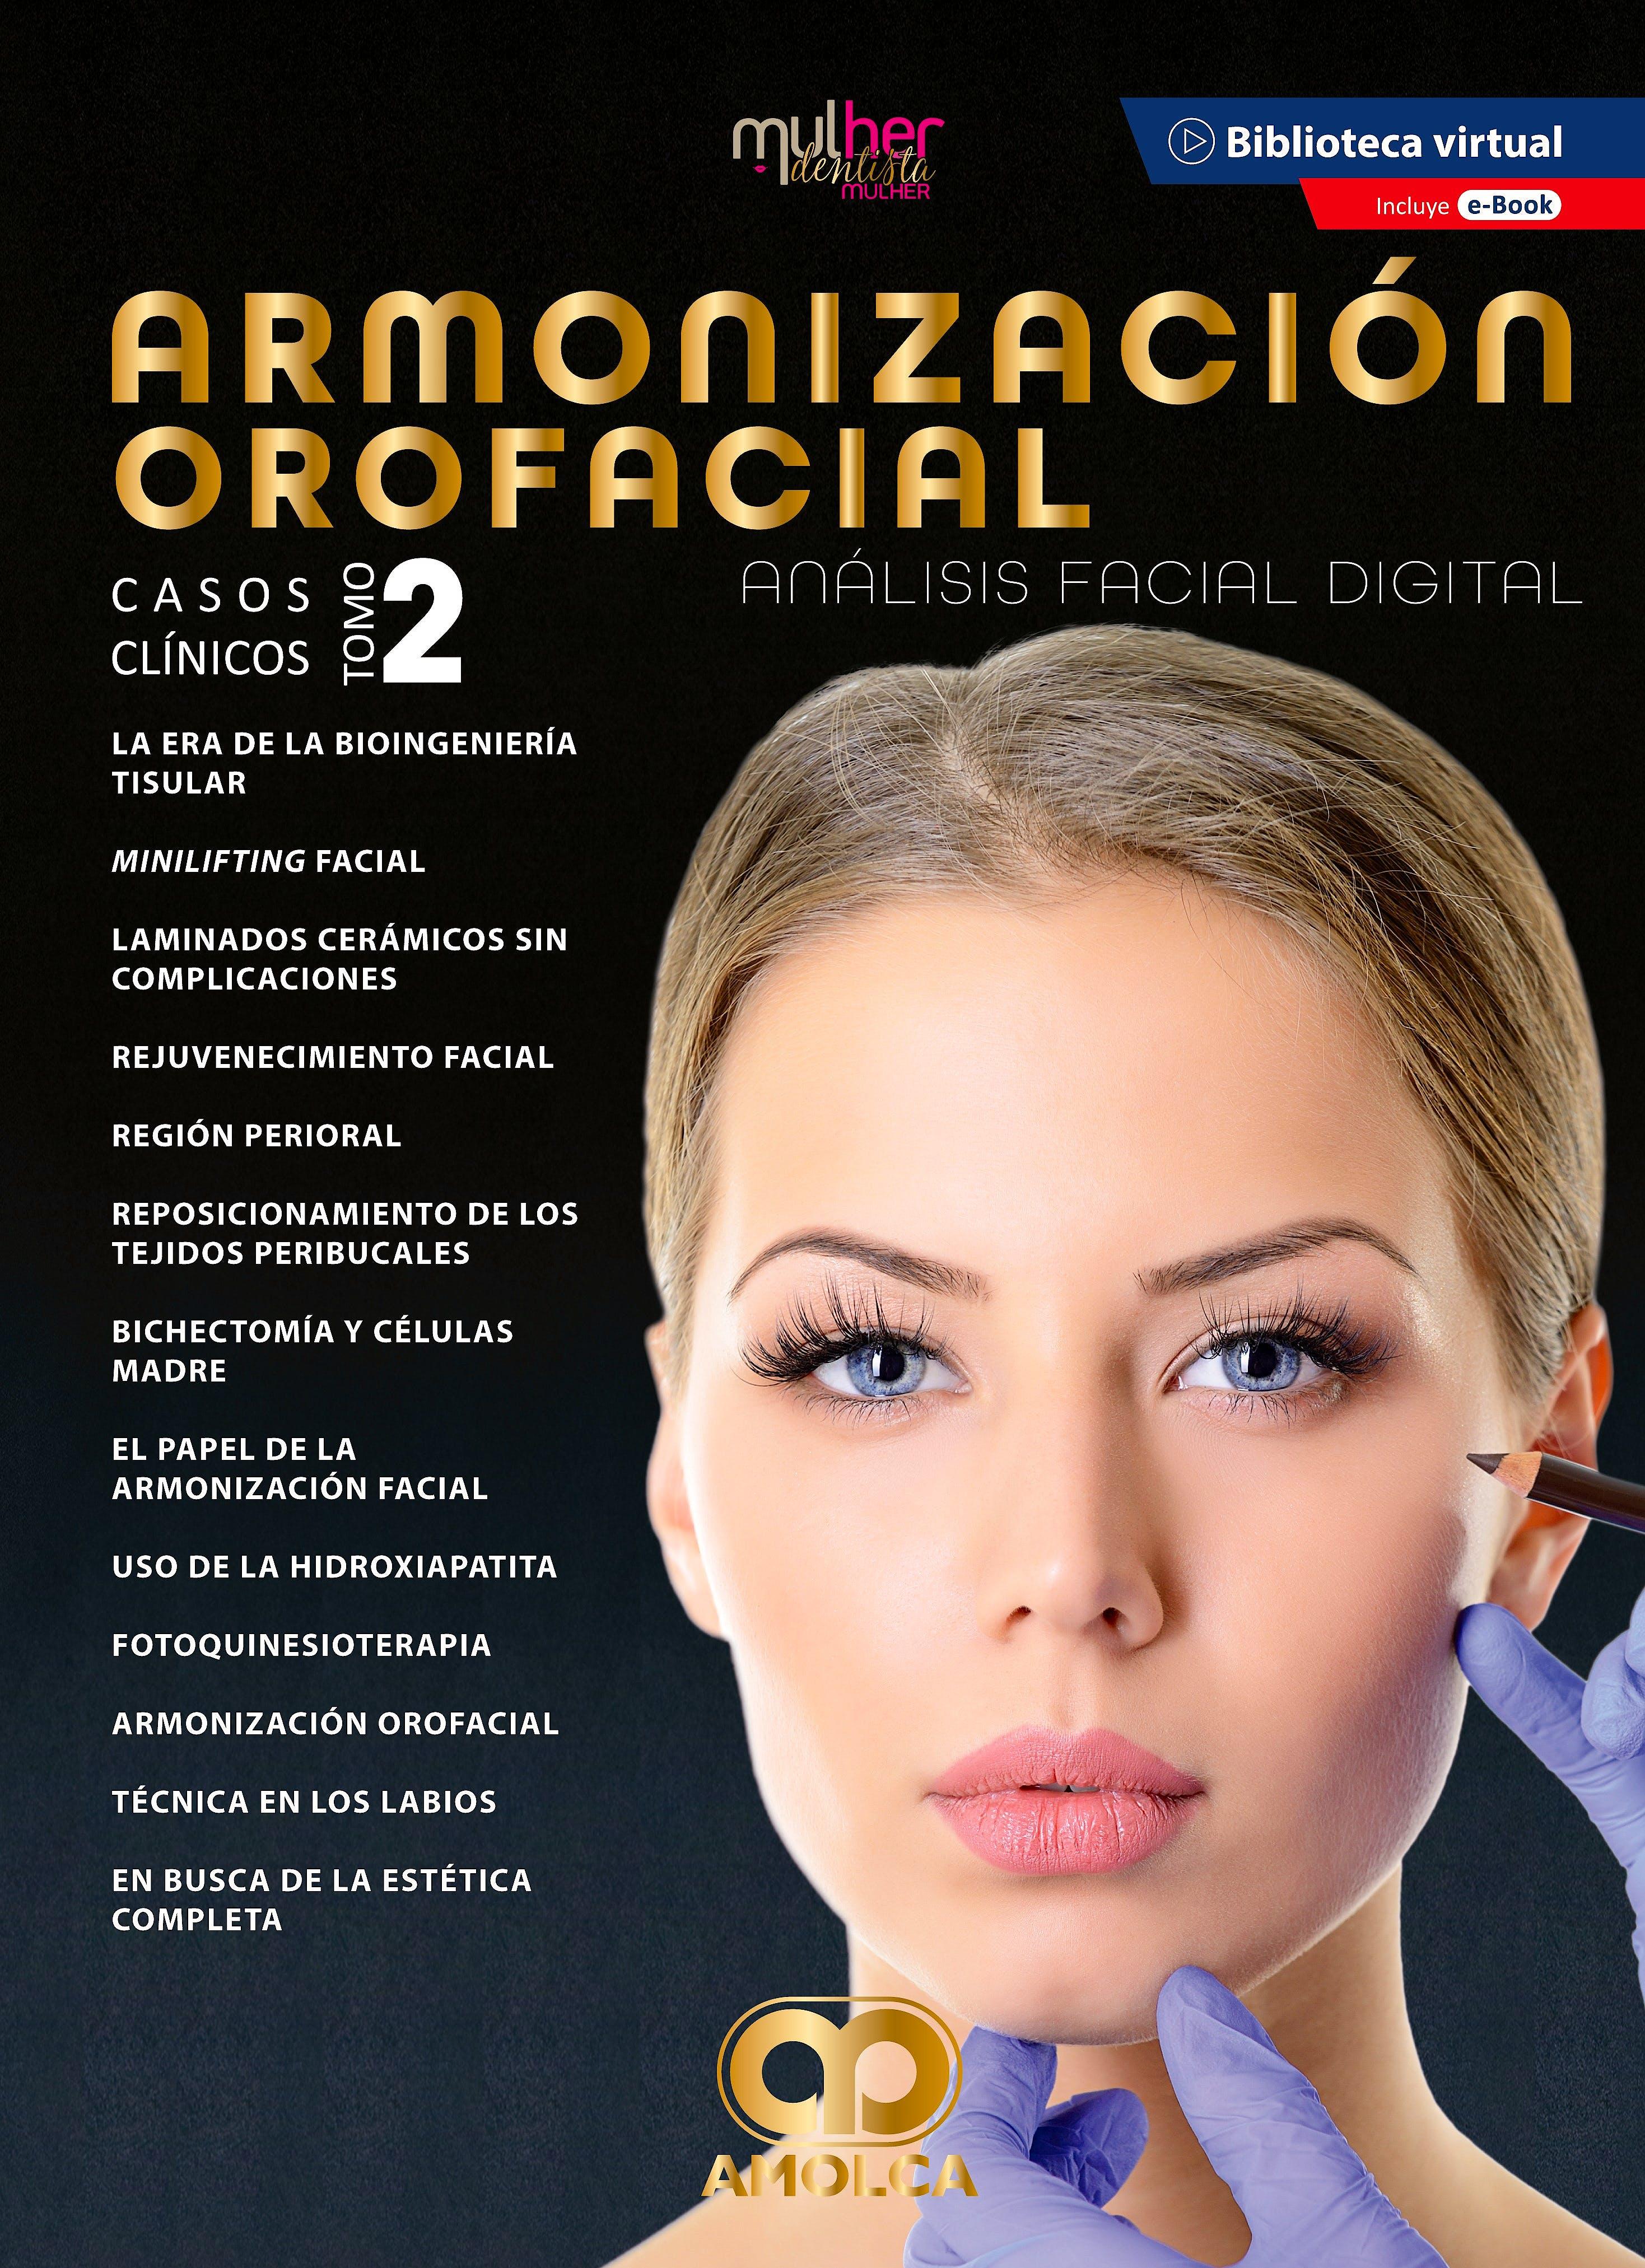 Portada del libro 9789585598331 MDM (Mulher Dentista Mulher) Armonización Orofacial. Análisis Facial Digital. Casos clínicos. Tomo 2 + E-Book